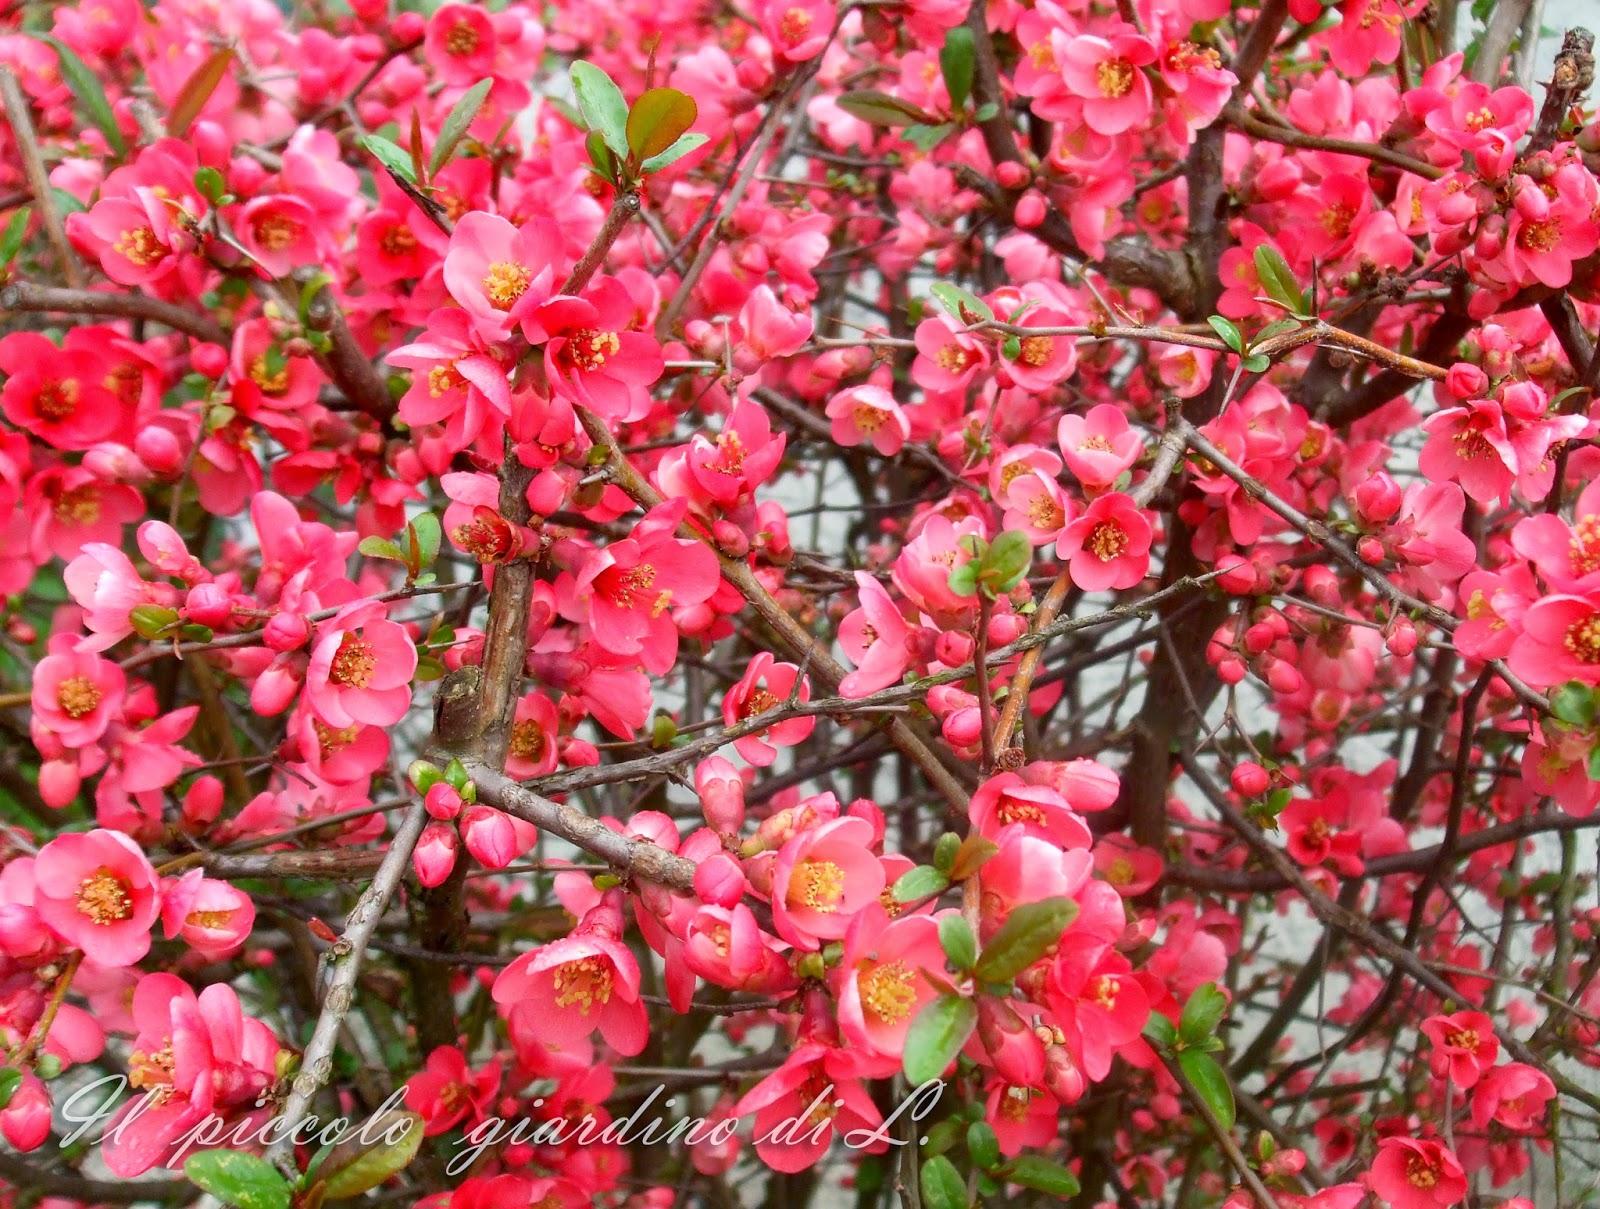 Il piccolo giardino di l chaenomeles ed subito primavera for Cespugli giardino